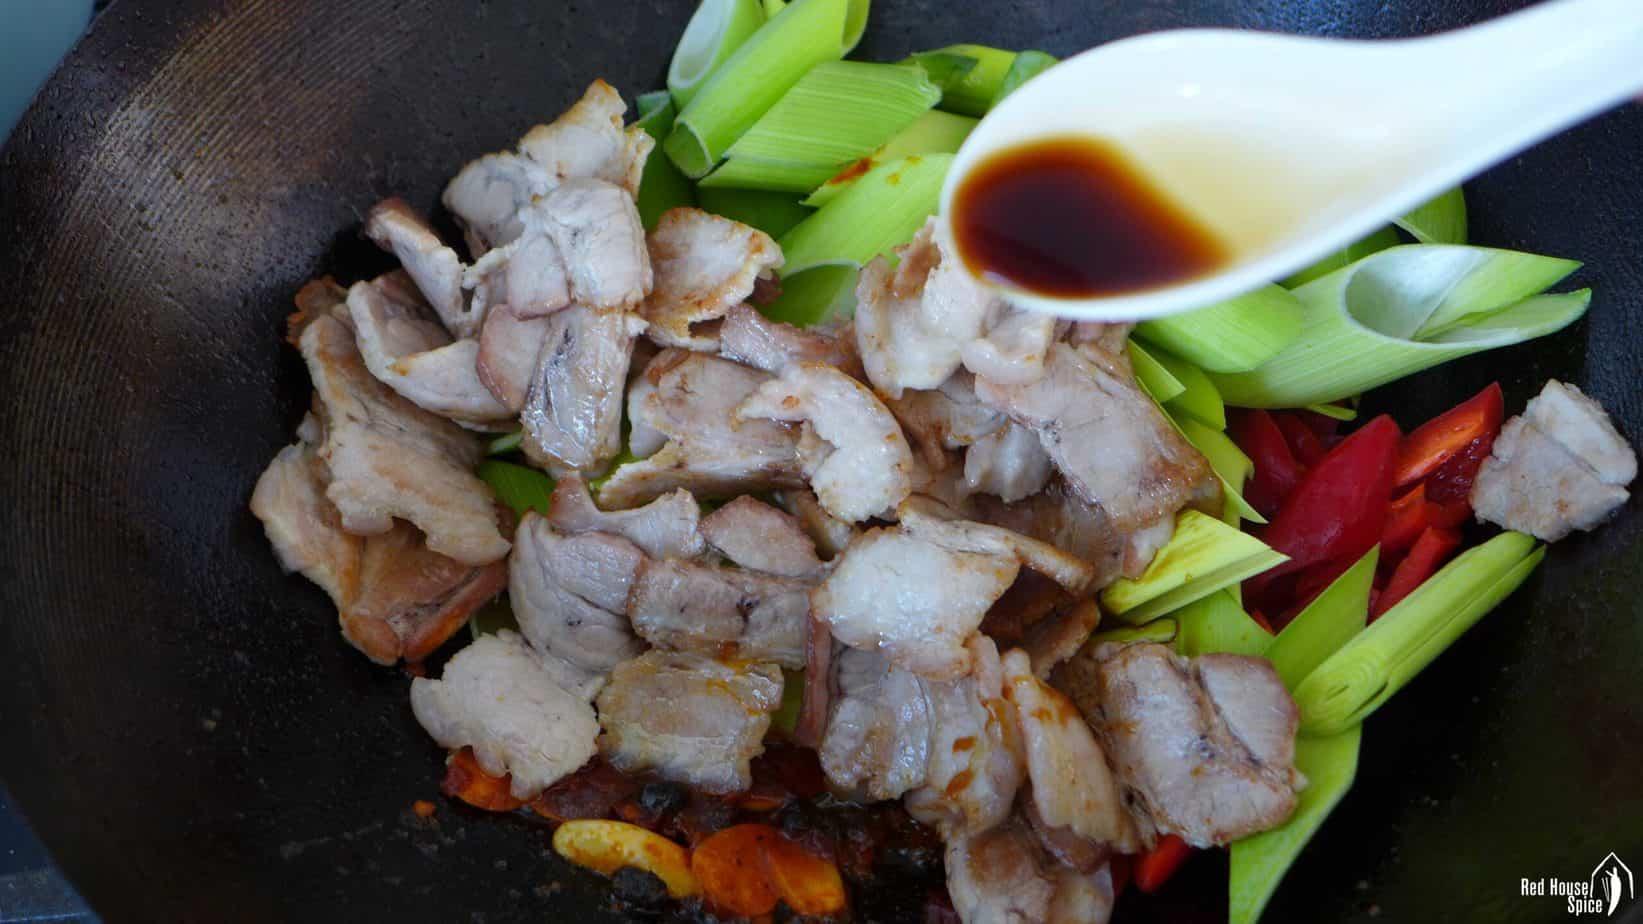 pork and leek in a wok